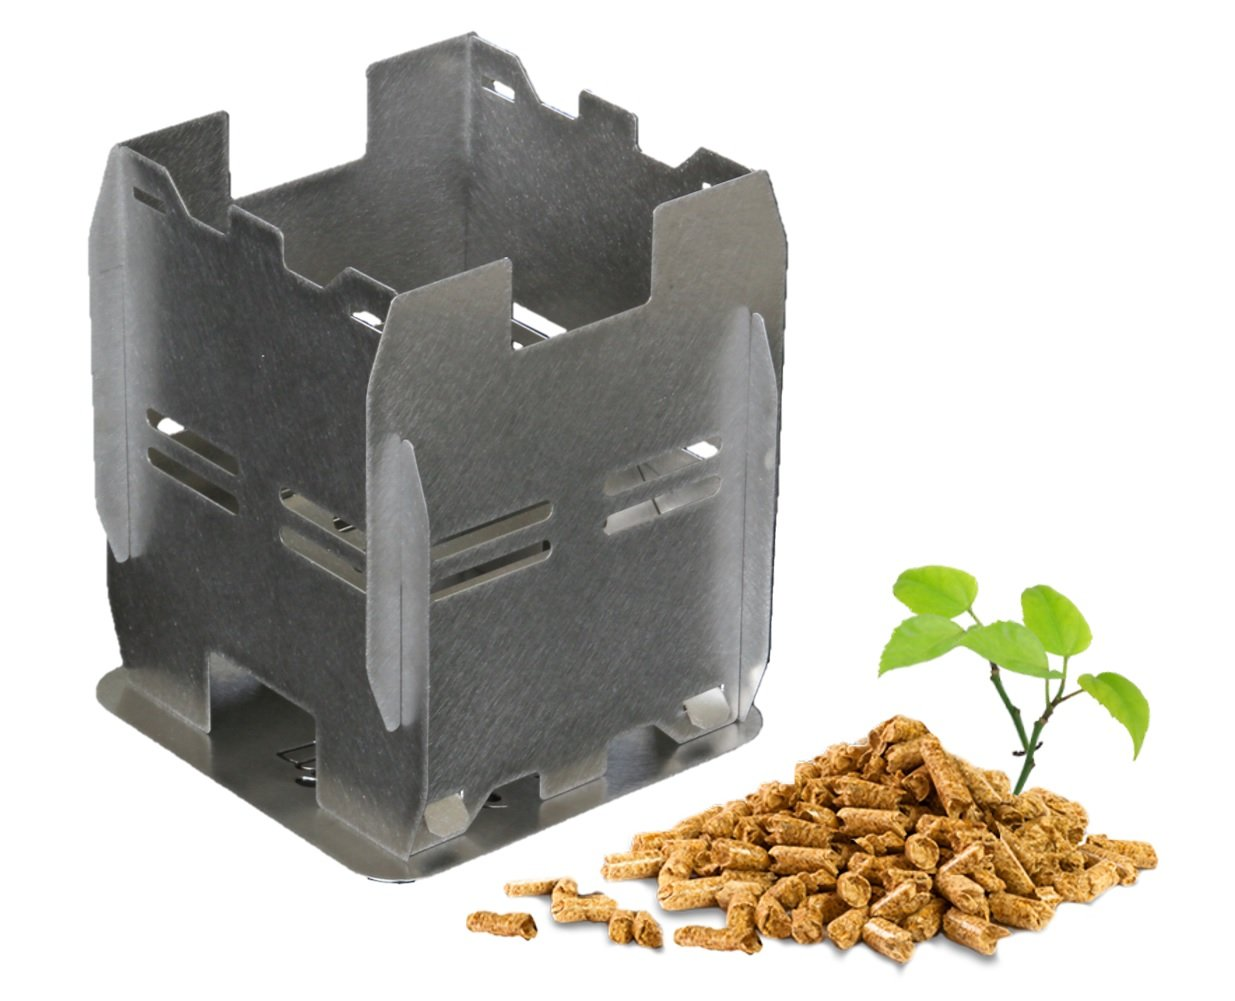 plegado plano Estufa ecol/ógica de pellets de madera o le/ña para camping y senderismo